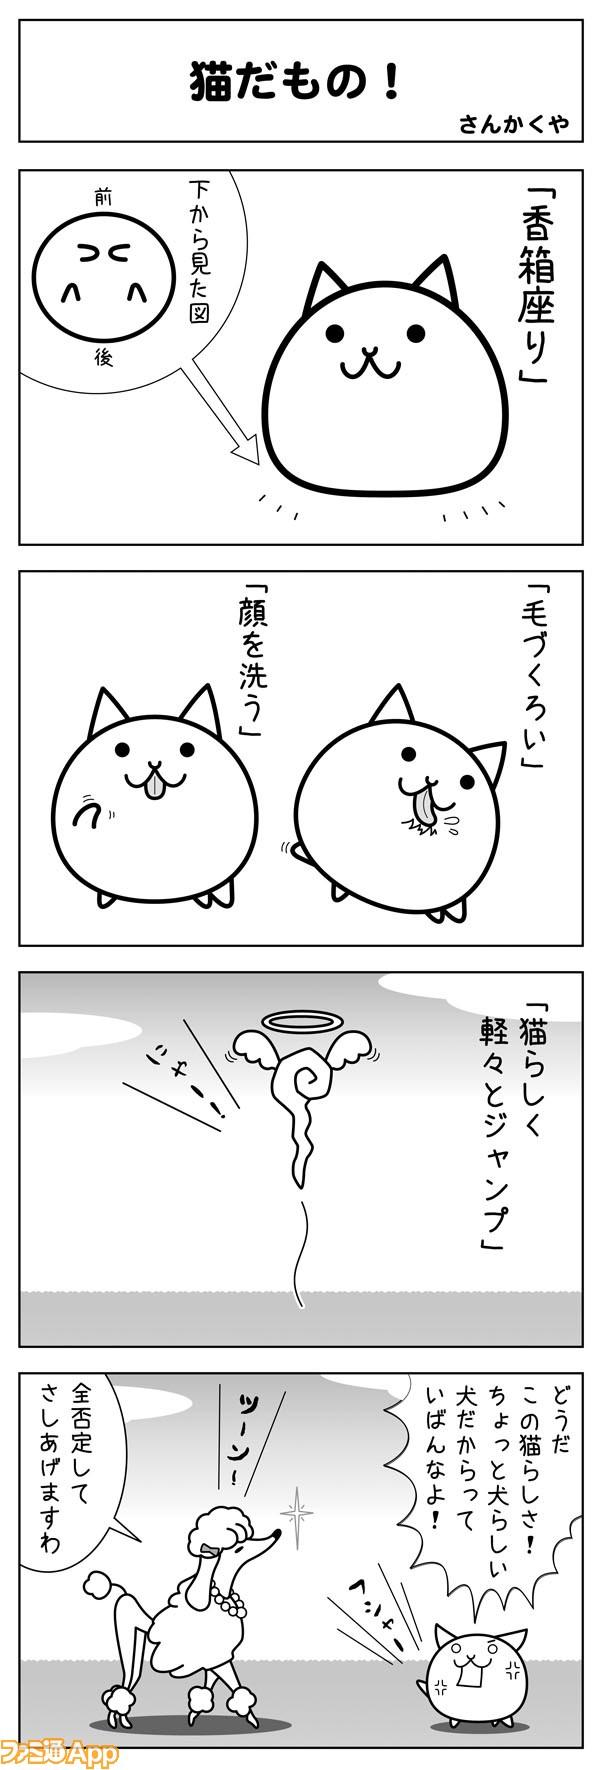 07sank_073